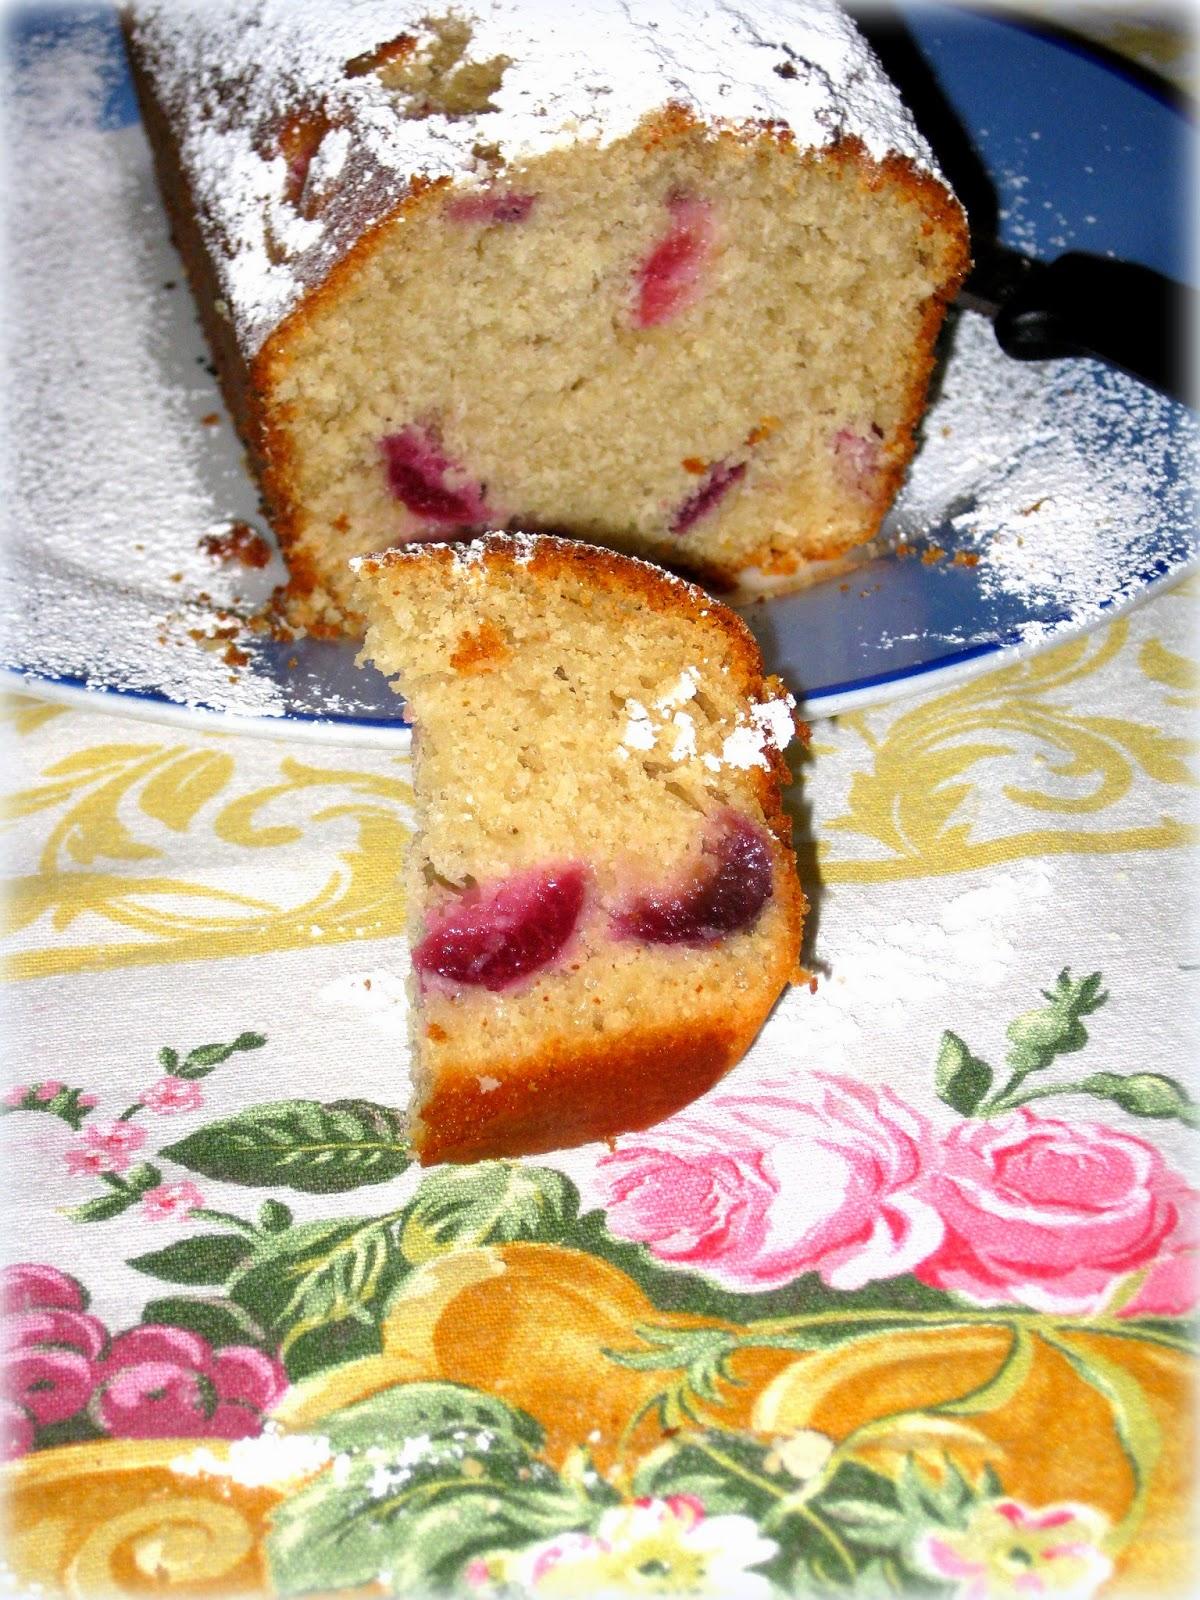 Quella del plumcake con ciliege a pezzi è una ricetta buonissima. Un dolcino soffice e perfetto per la prima colazione.